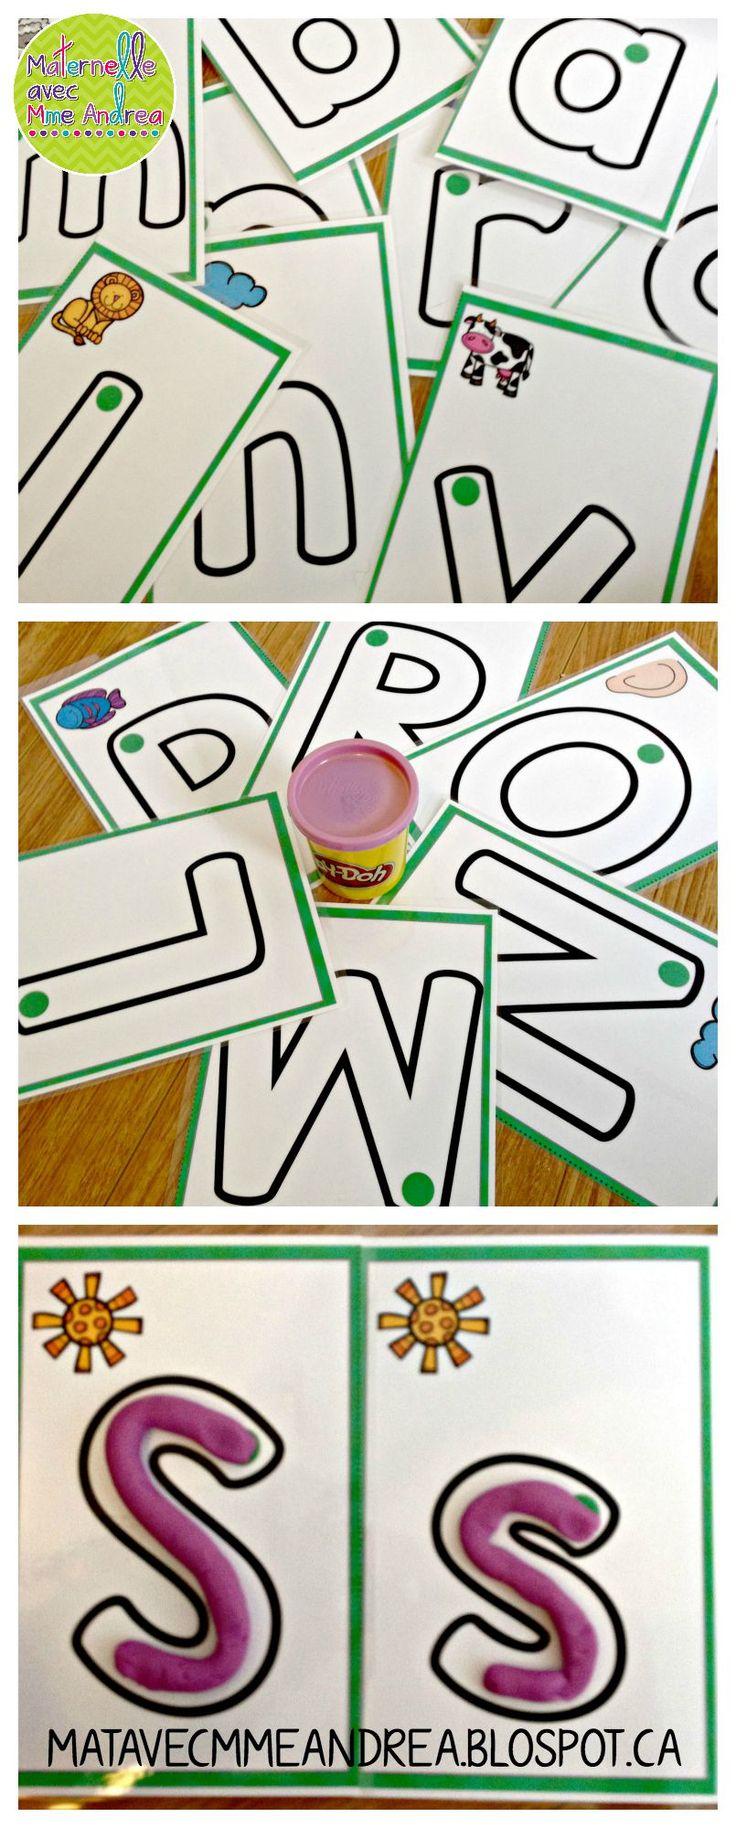 Cartes de pâte à modeler (les lettres de l'alphabet) - faire vos élèves travailler la motricité fine en apprenant la forme des lettres de l'alphabet! En couleur et noir & blanc. $